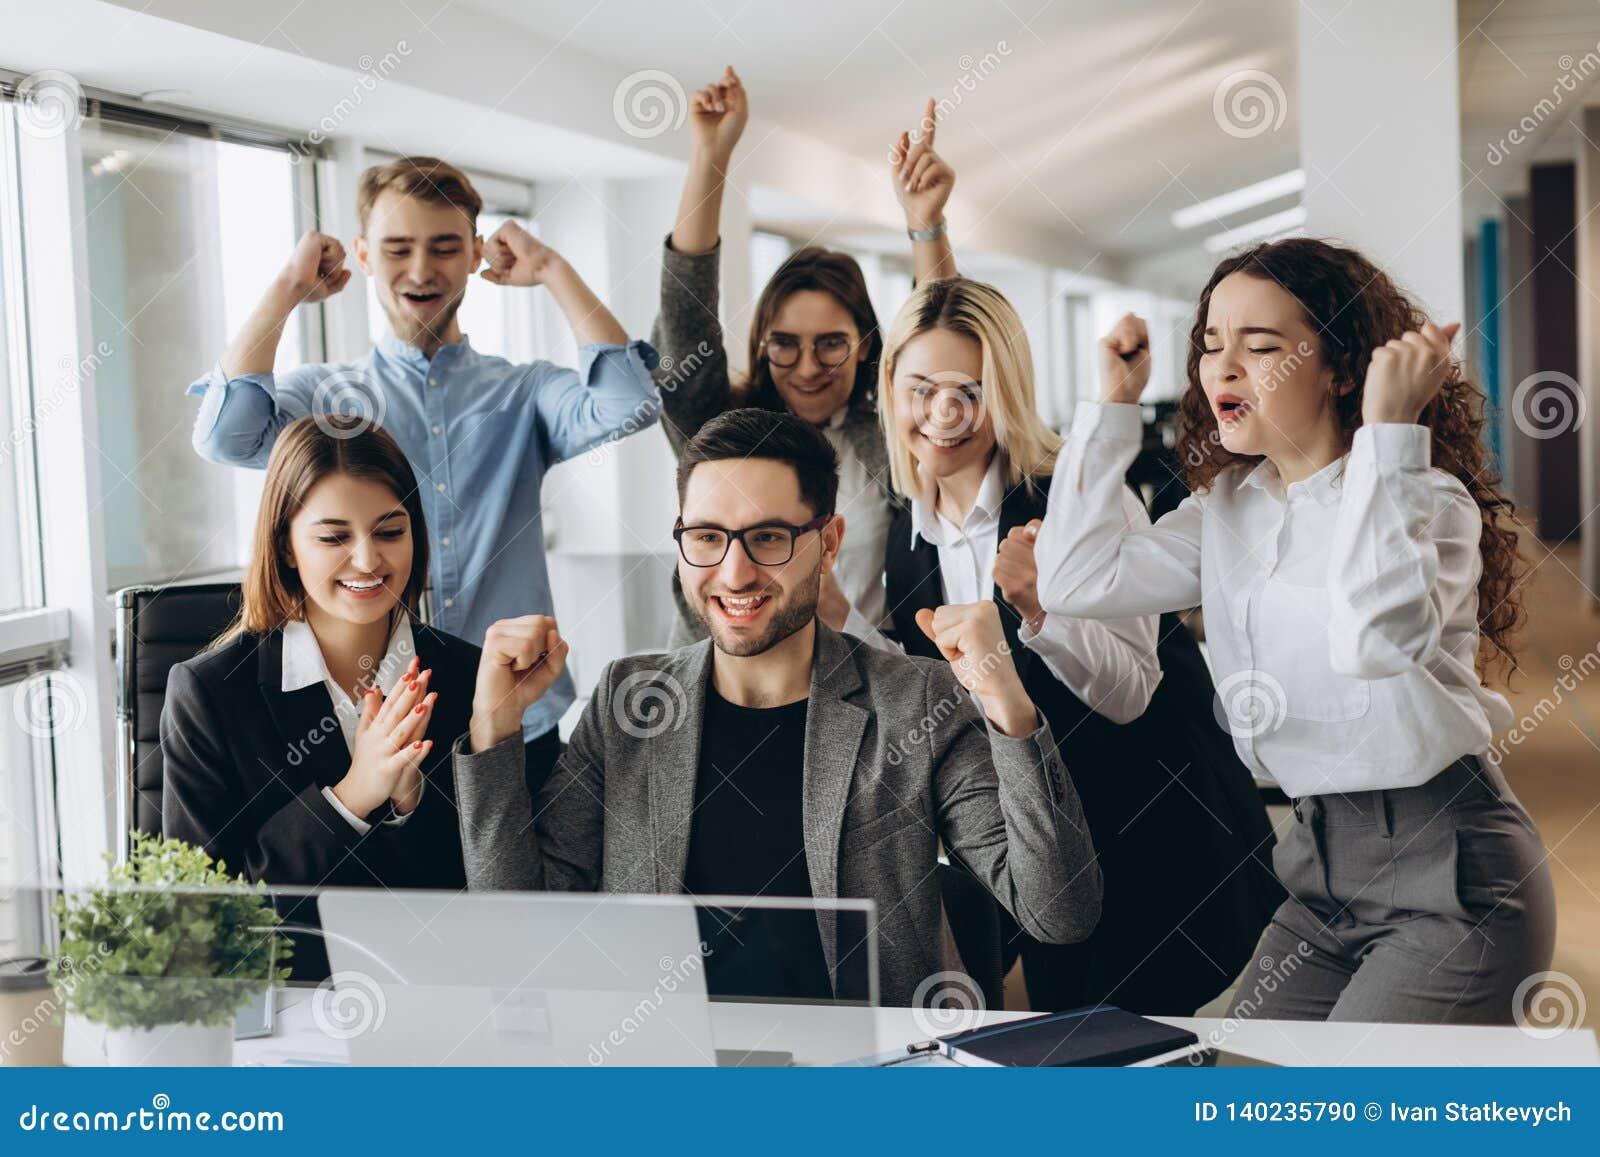 Porträt des sehr glücklichen erfolgreichen ausdrucksvollen gestikulierenden Geschäftsteams im Büro